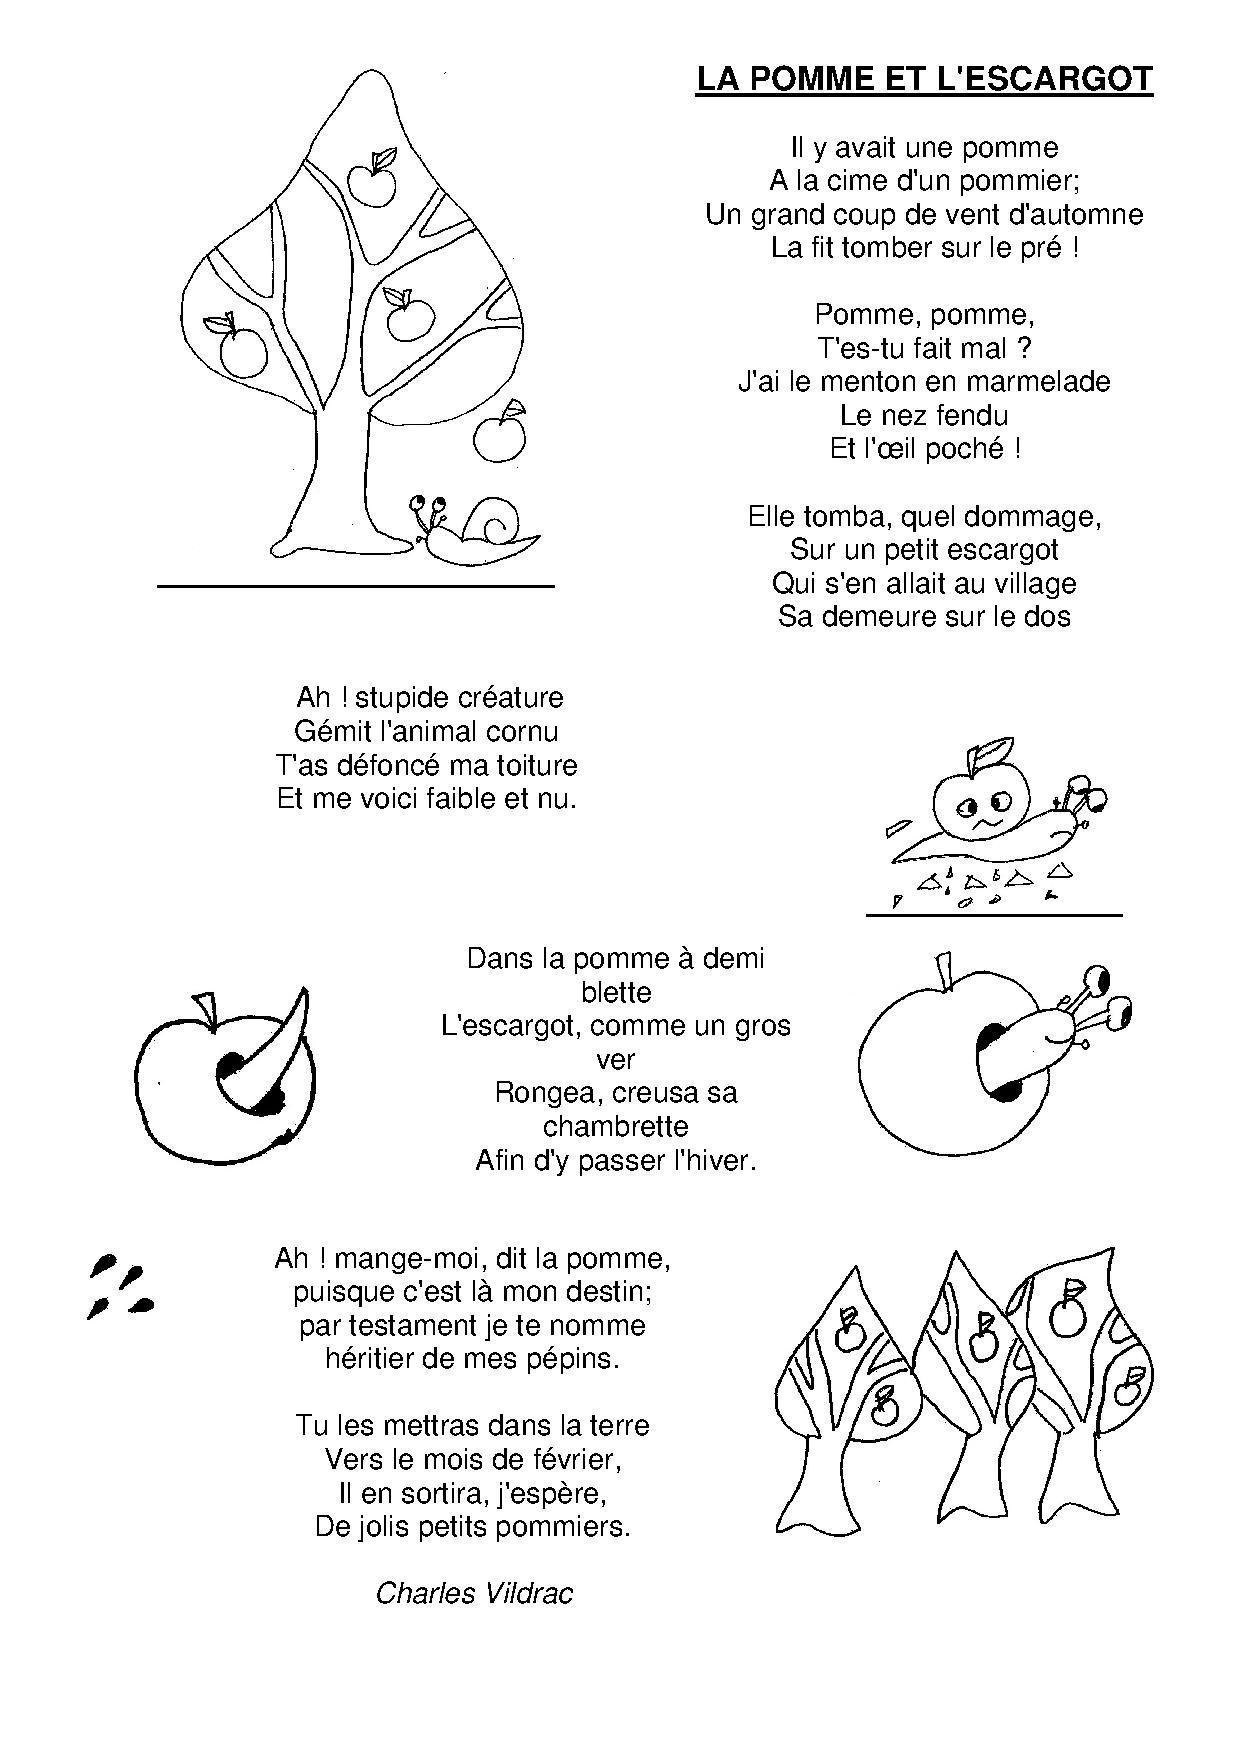 La Pomme Et L'escargot | Trognon Et Pepin, Comptines, Escargot serapportantà Dans La Nuit De L Hiver Chanson